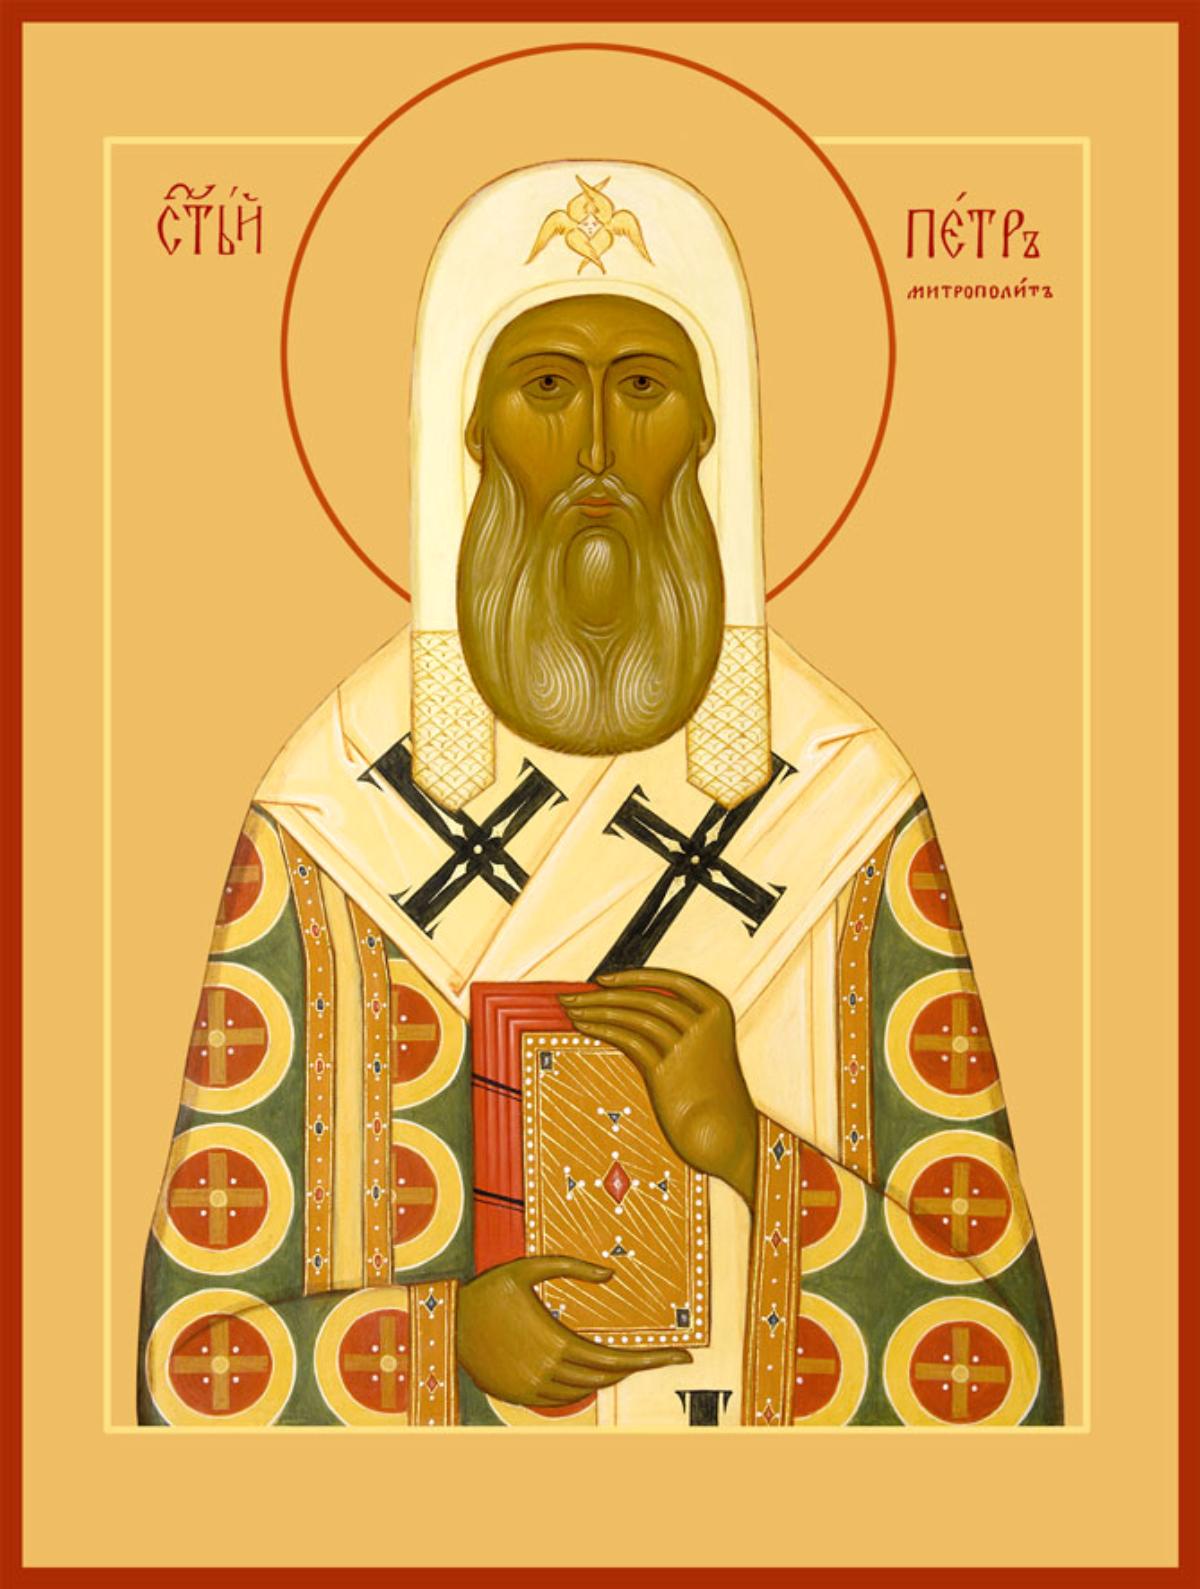 Святитель Петр, митрополит Киевский и всея Руси, Московский чудотворец